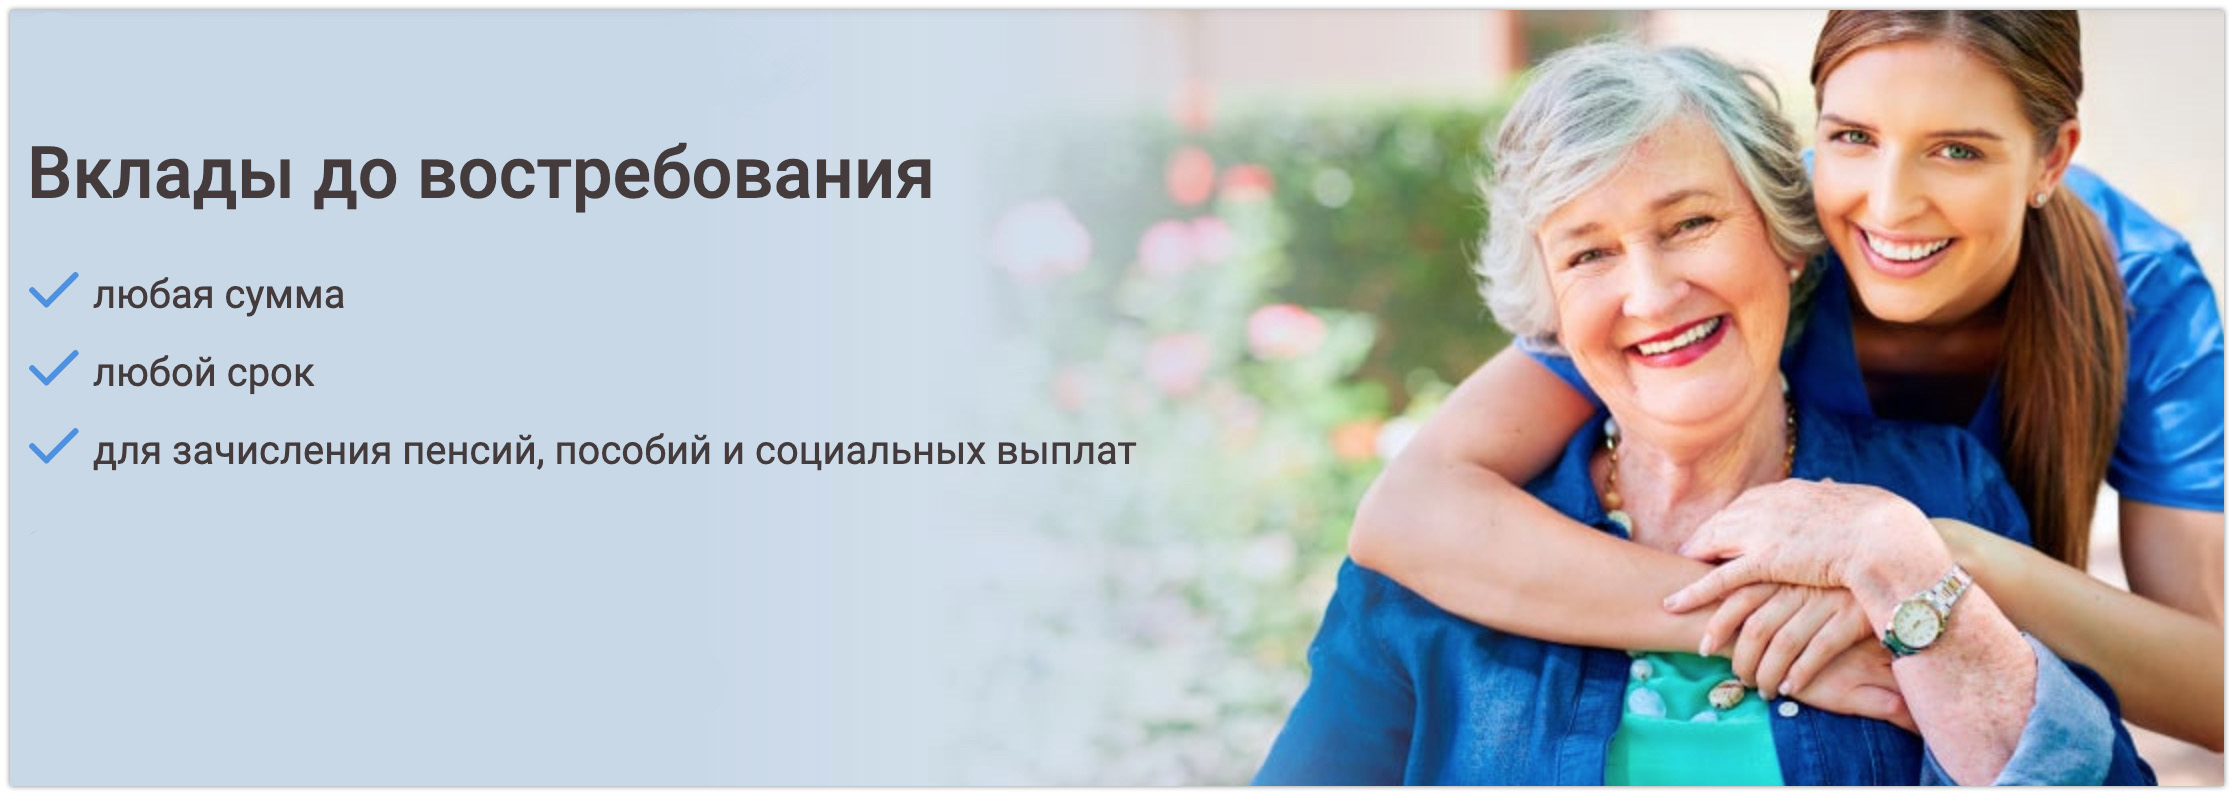 убрир вклад для пенсионеров